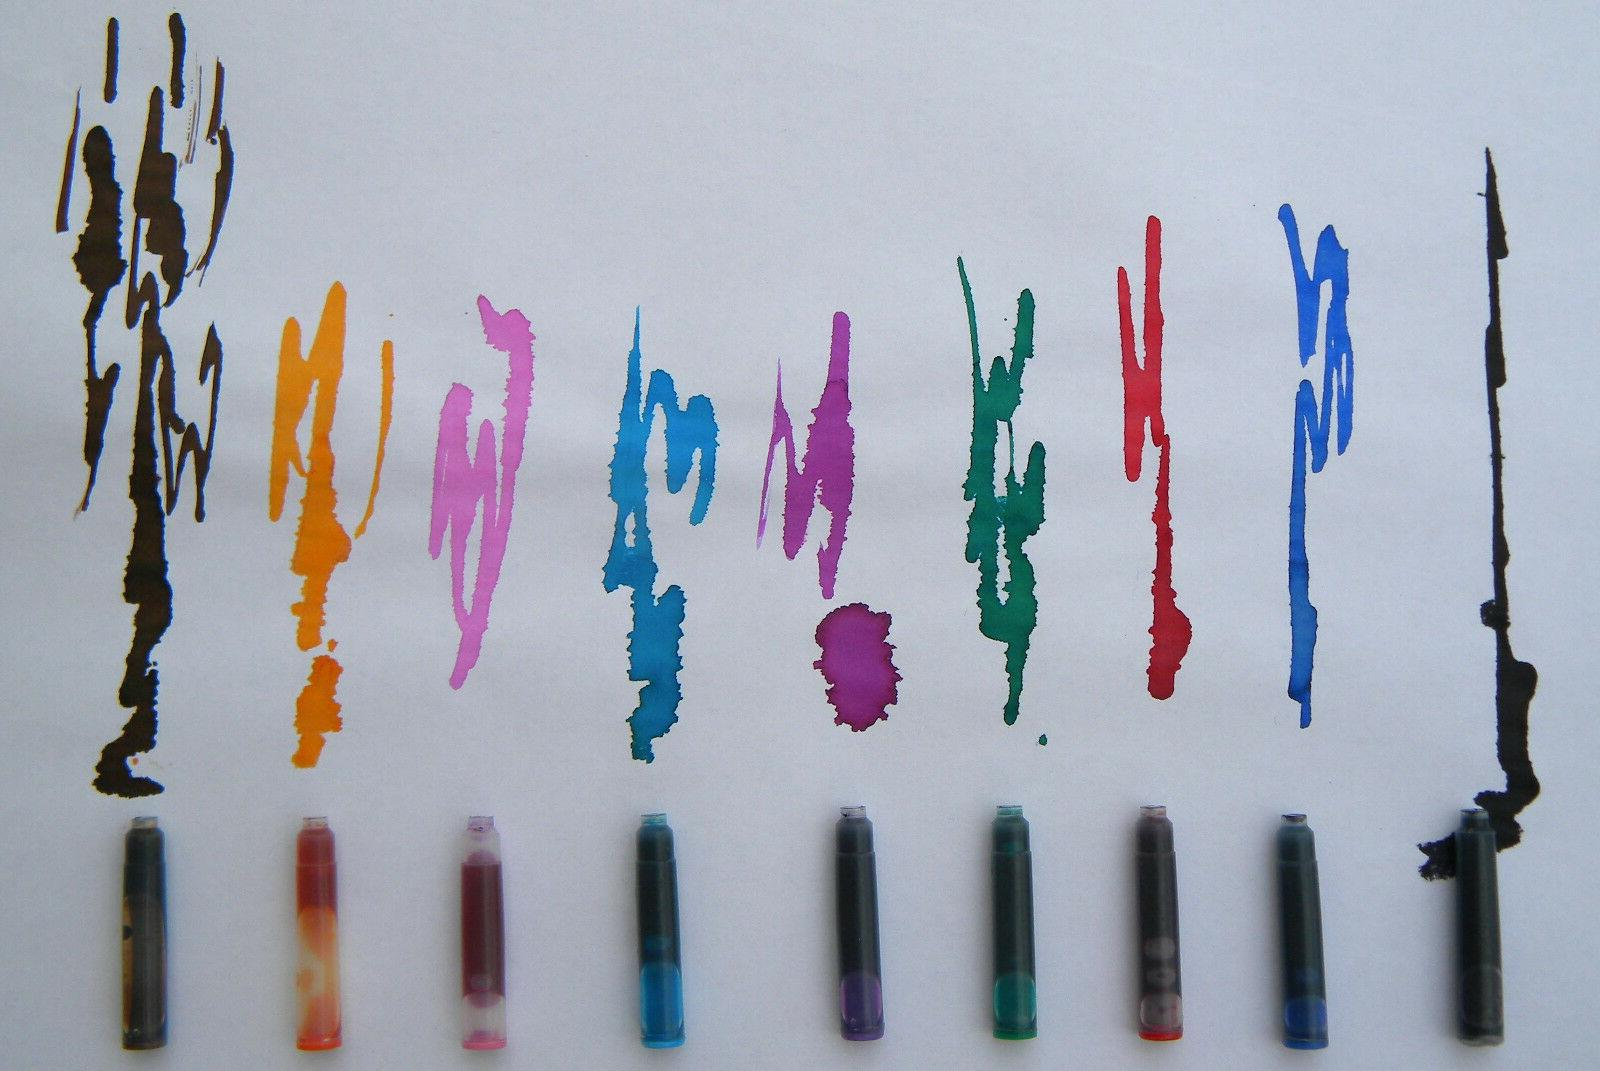 100 Calligraphy Pen PEN 9 colors